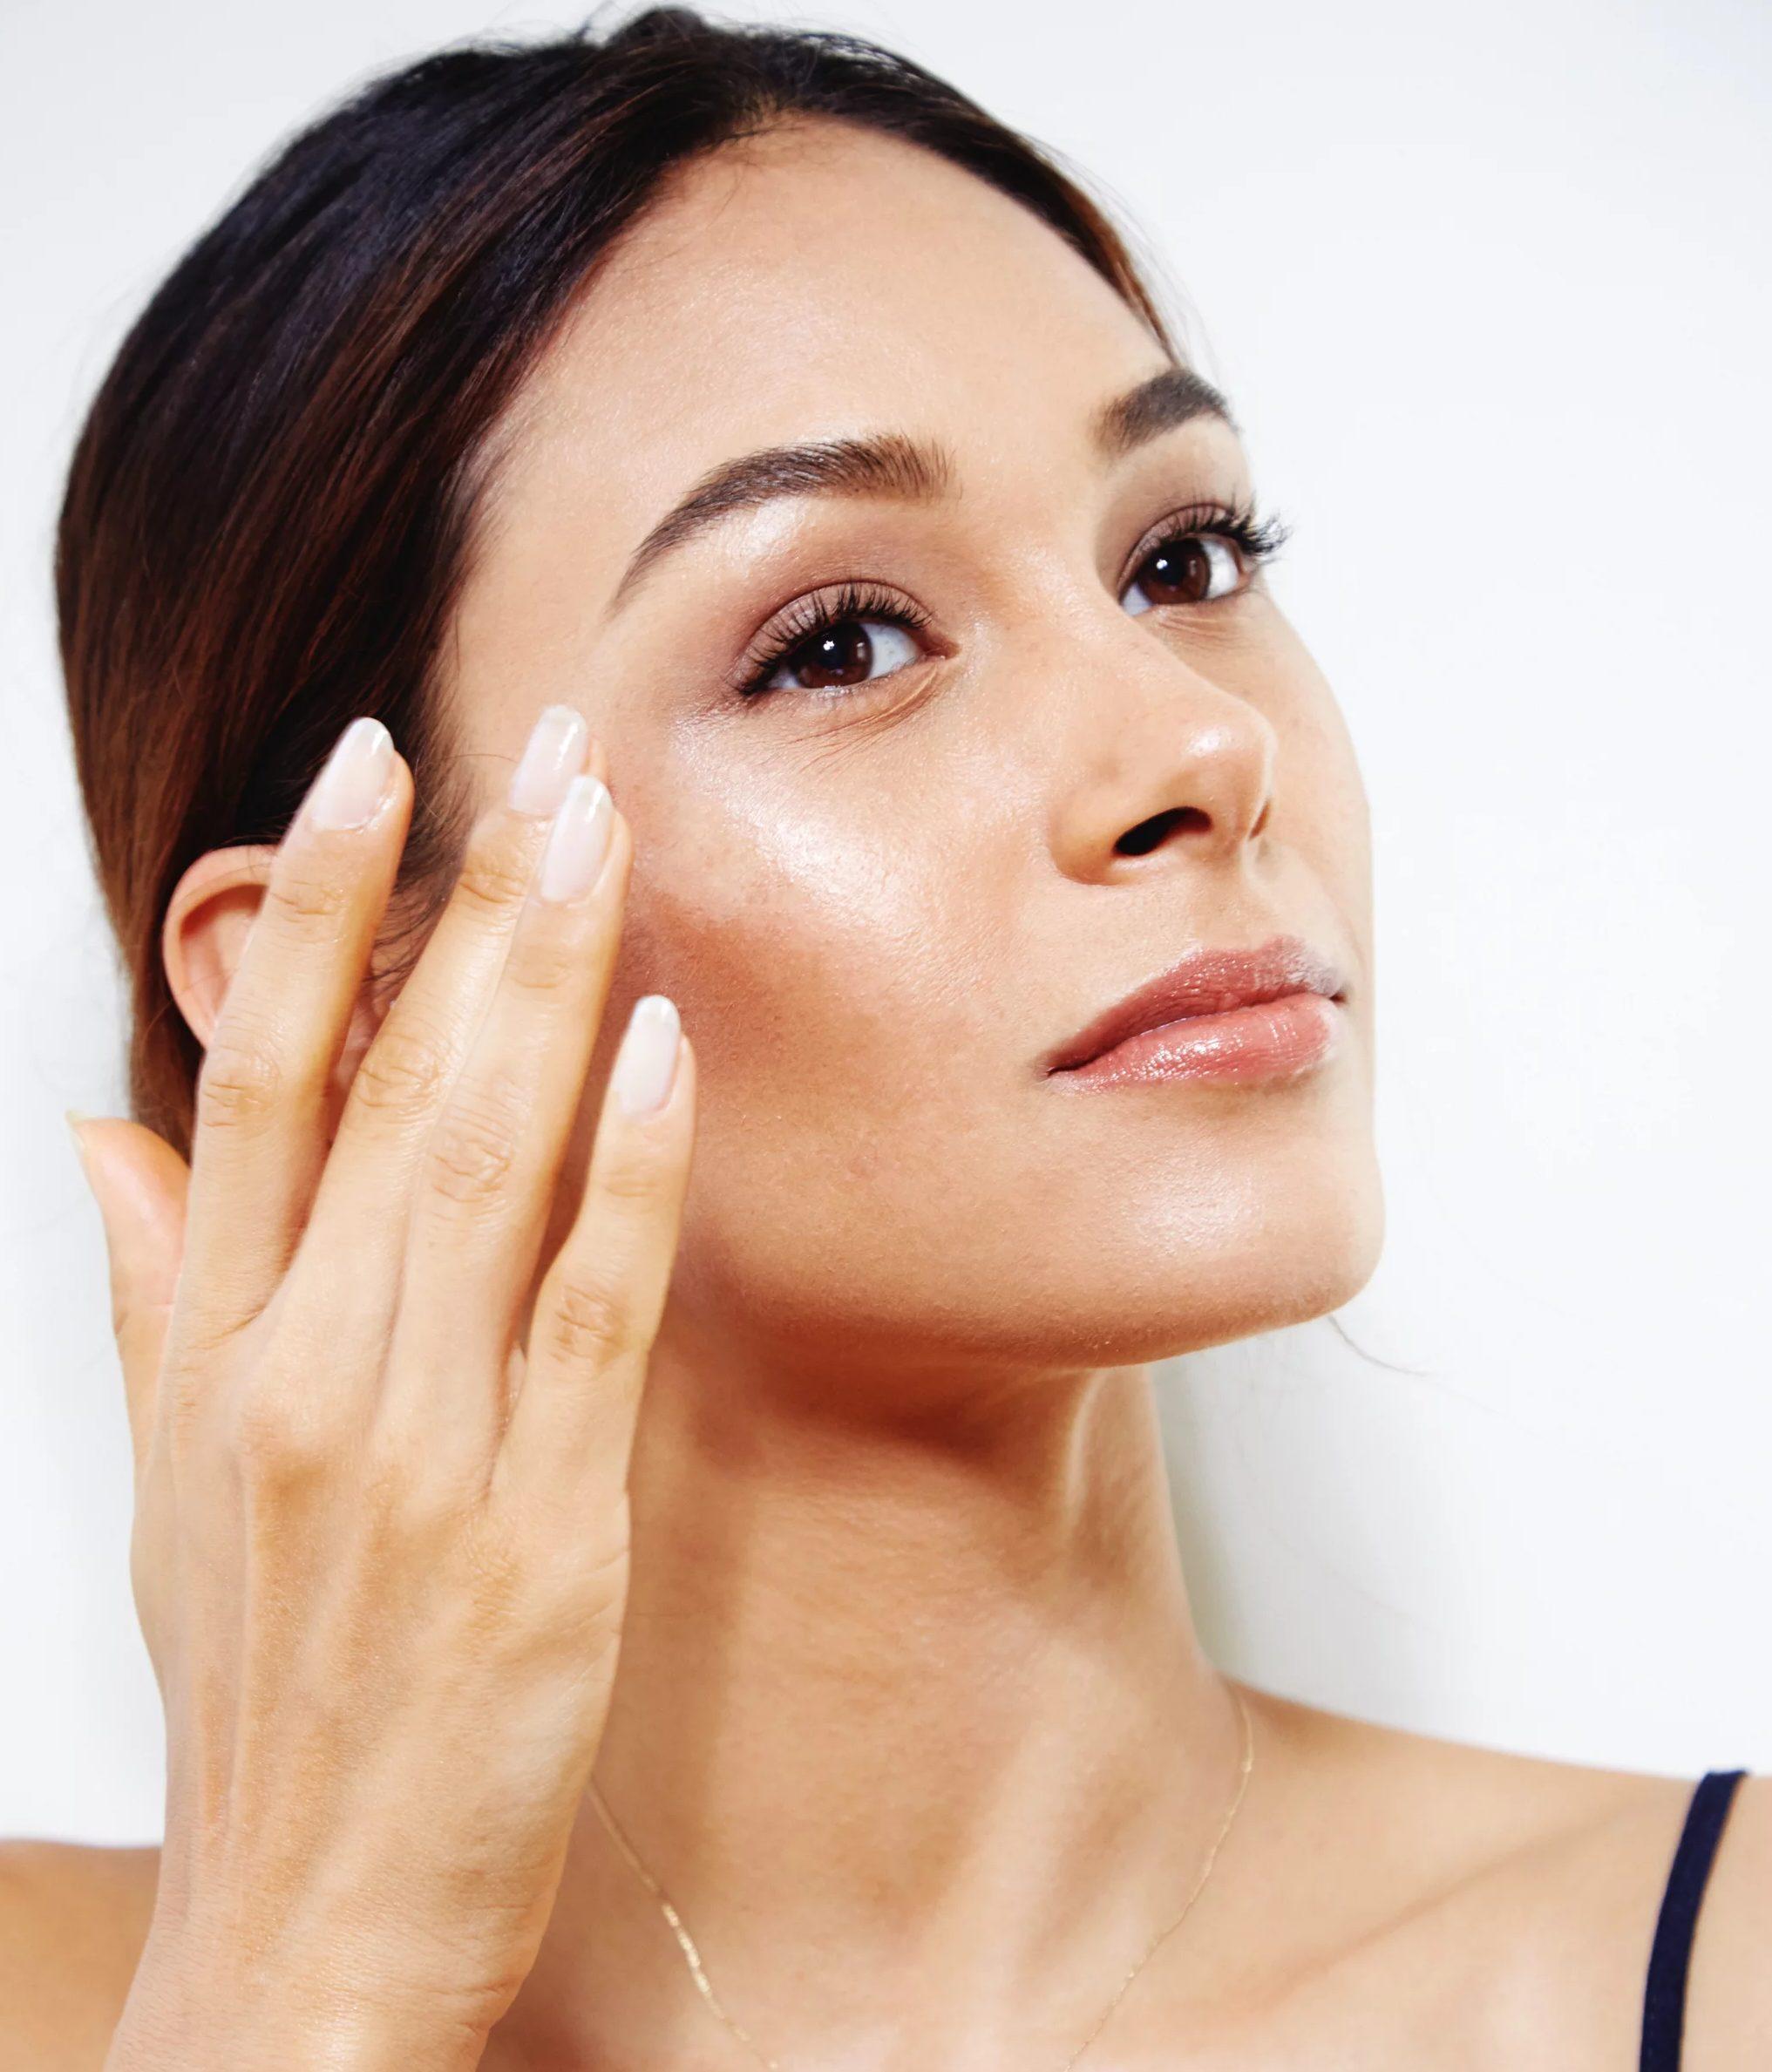 dưỡng ẩm cho da rất quan trọng